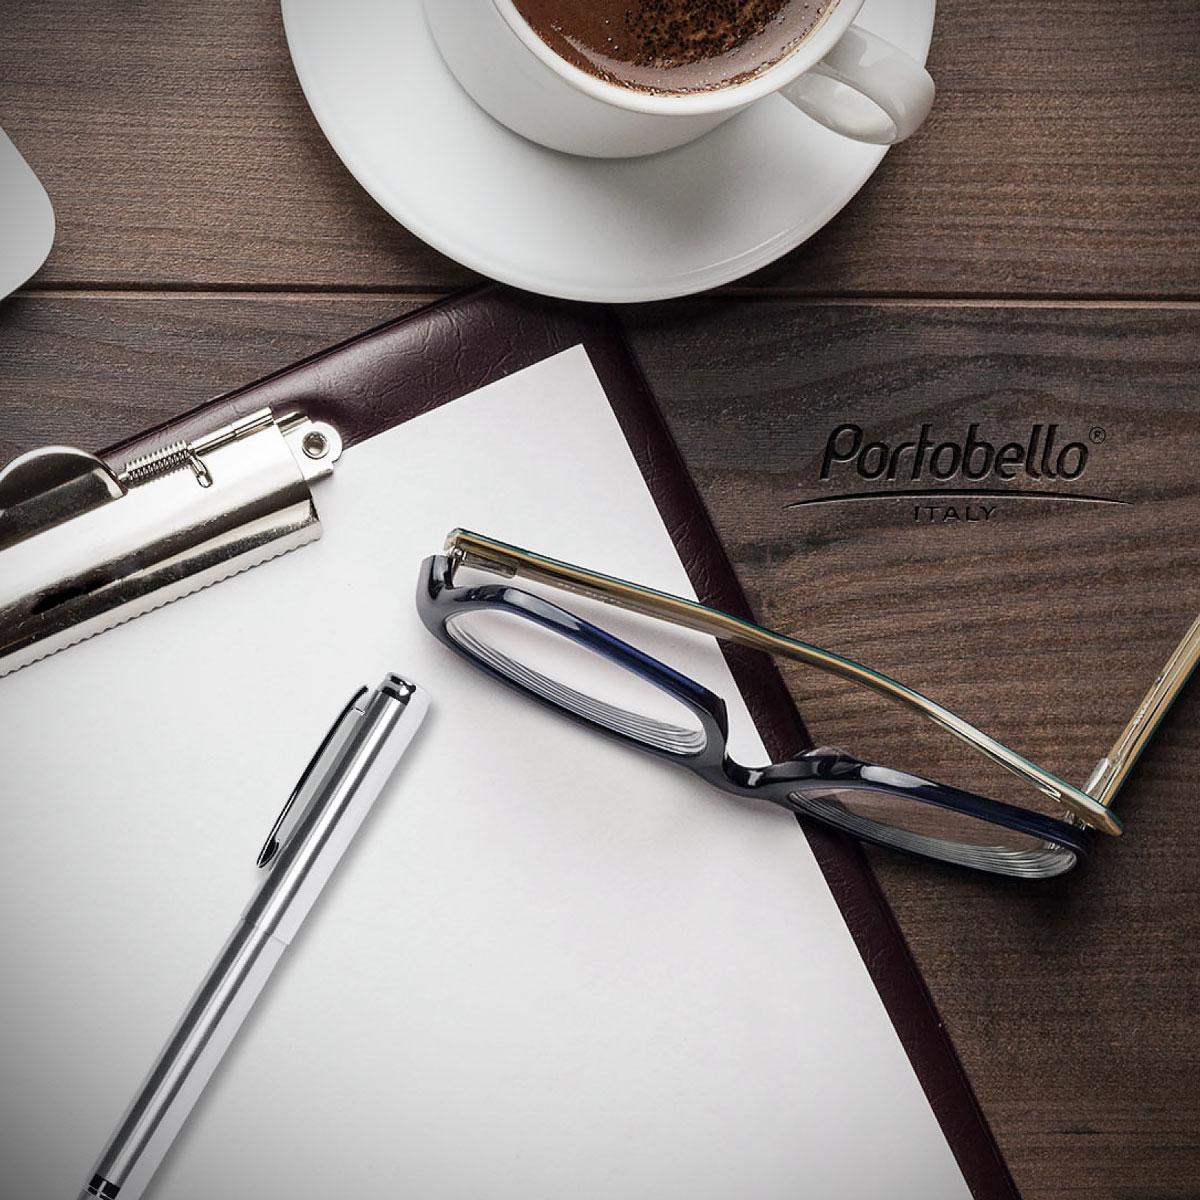 Шариковые ручки Portobello новинки 2019